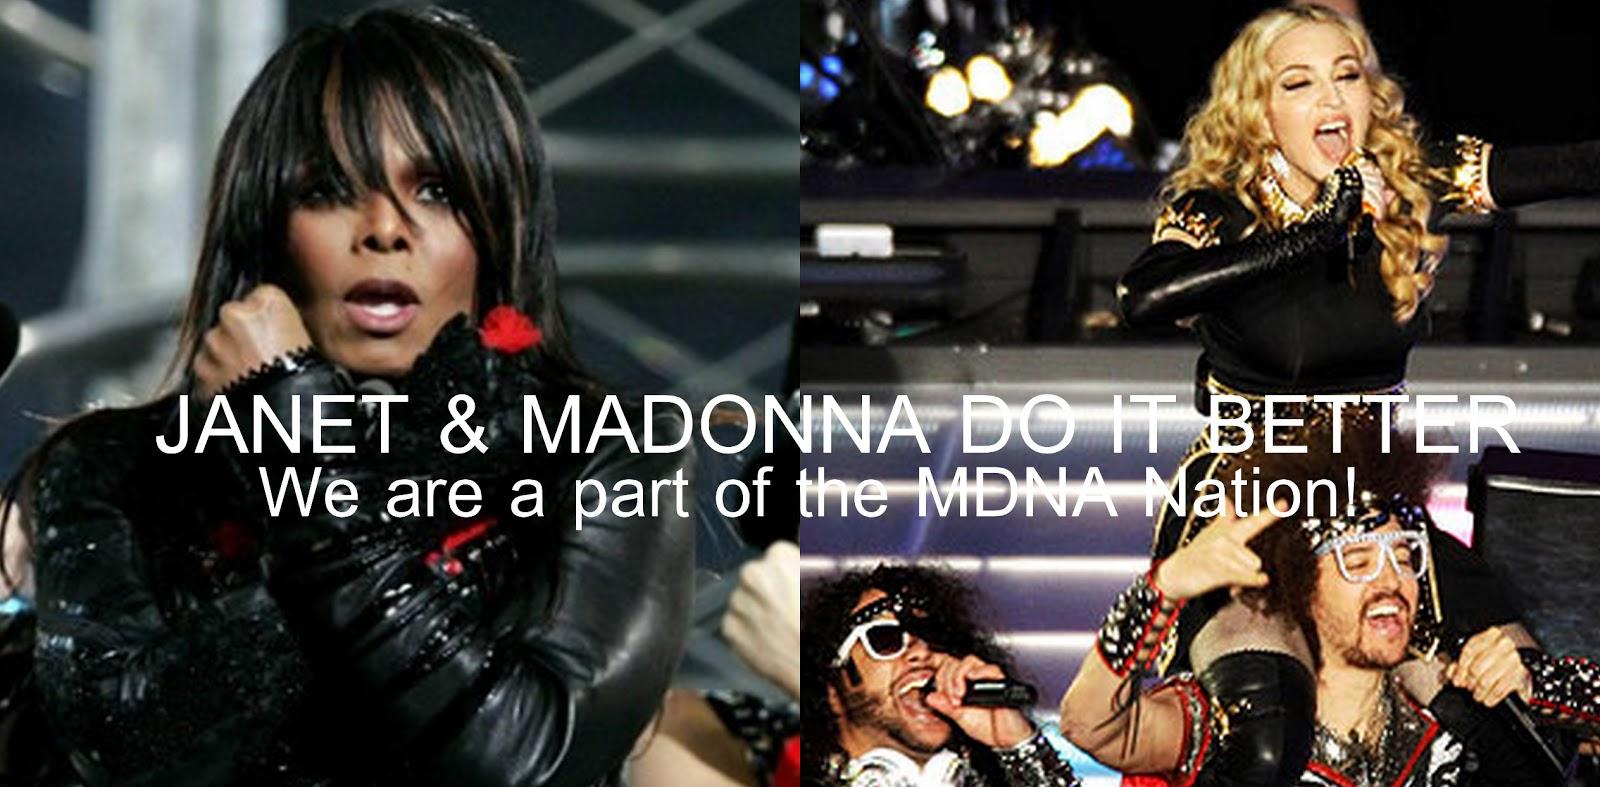 http://4.bp.blogspot.com/-kaEtWfOyWt0/URIF7BdQSuI/AAAAAAAADiM/nNGcholp_yo/s1600/Madonna+201212.jpg